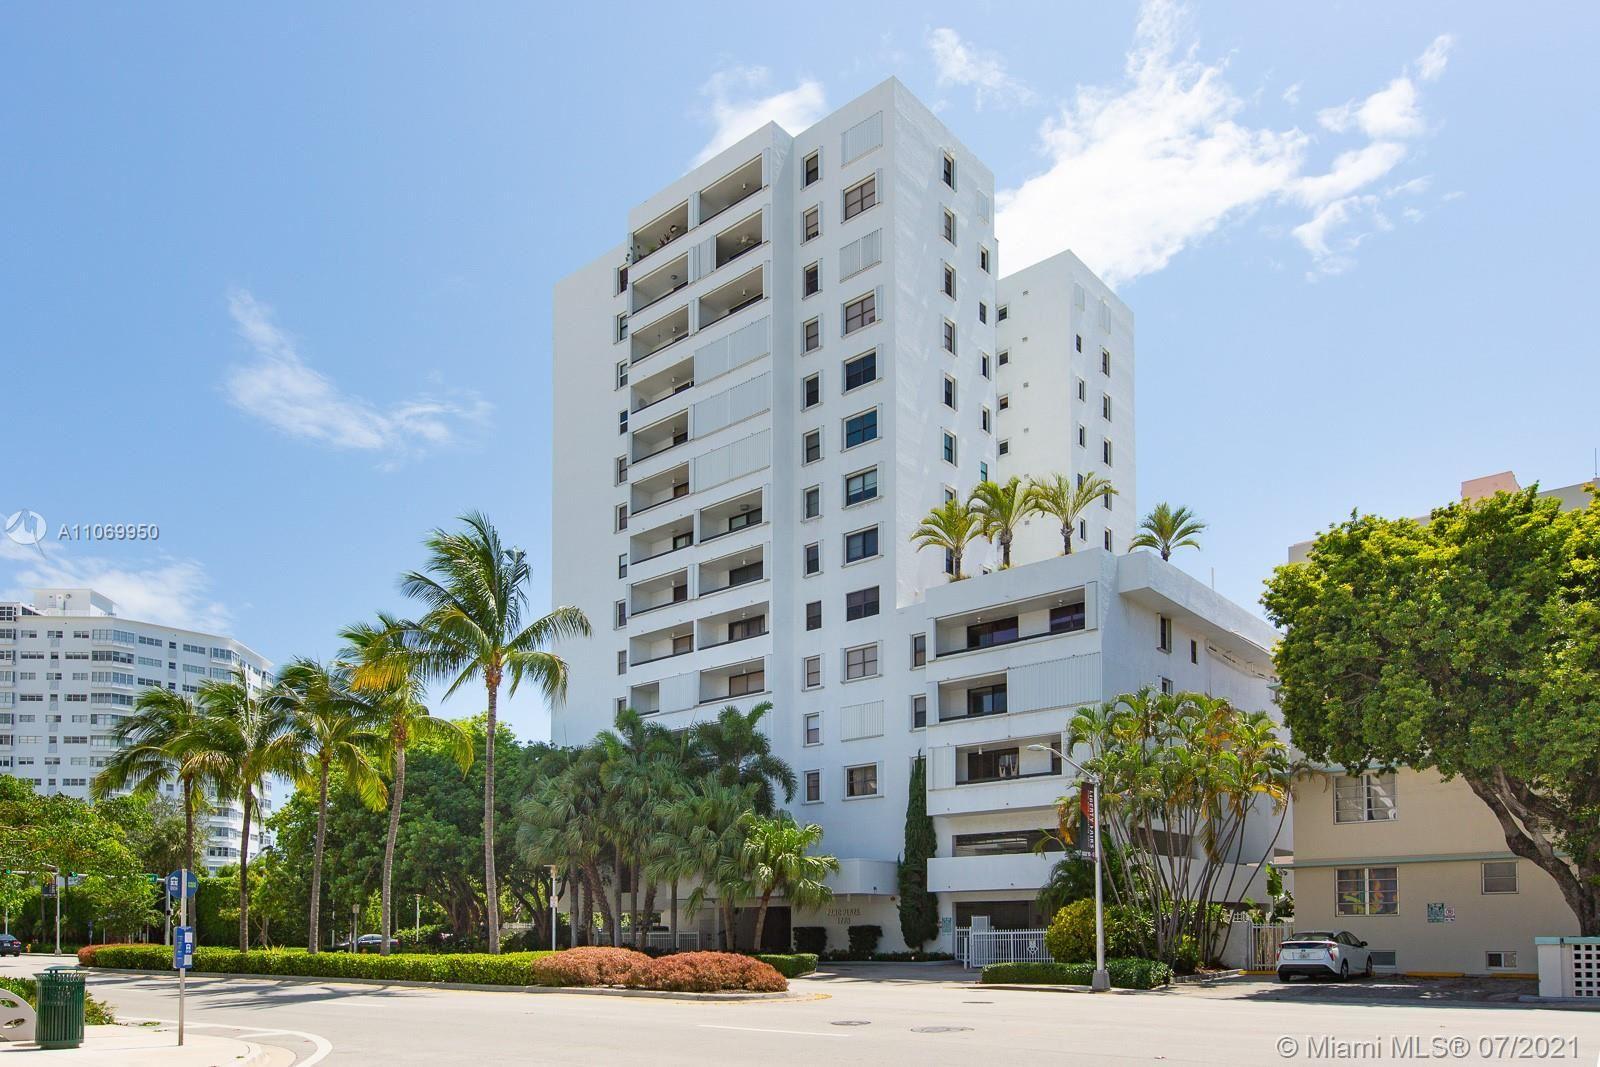 1775 Washington Ave #3B, Miami Beach, FL 33139 - #: A11069950